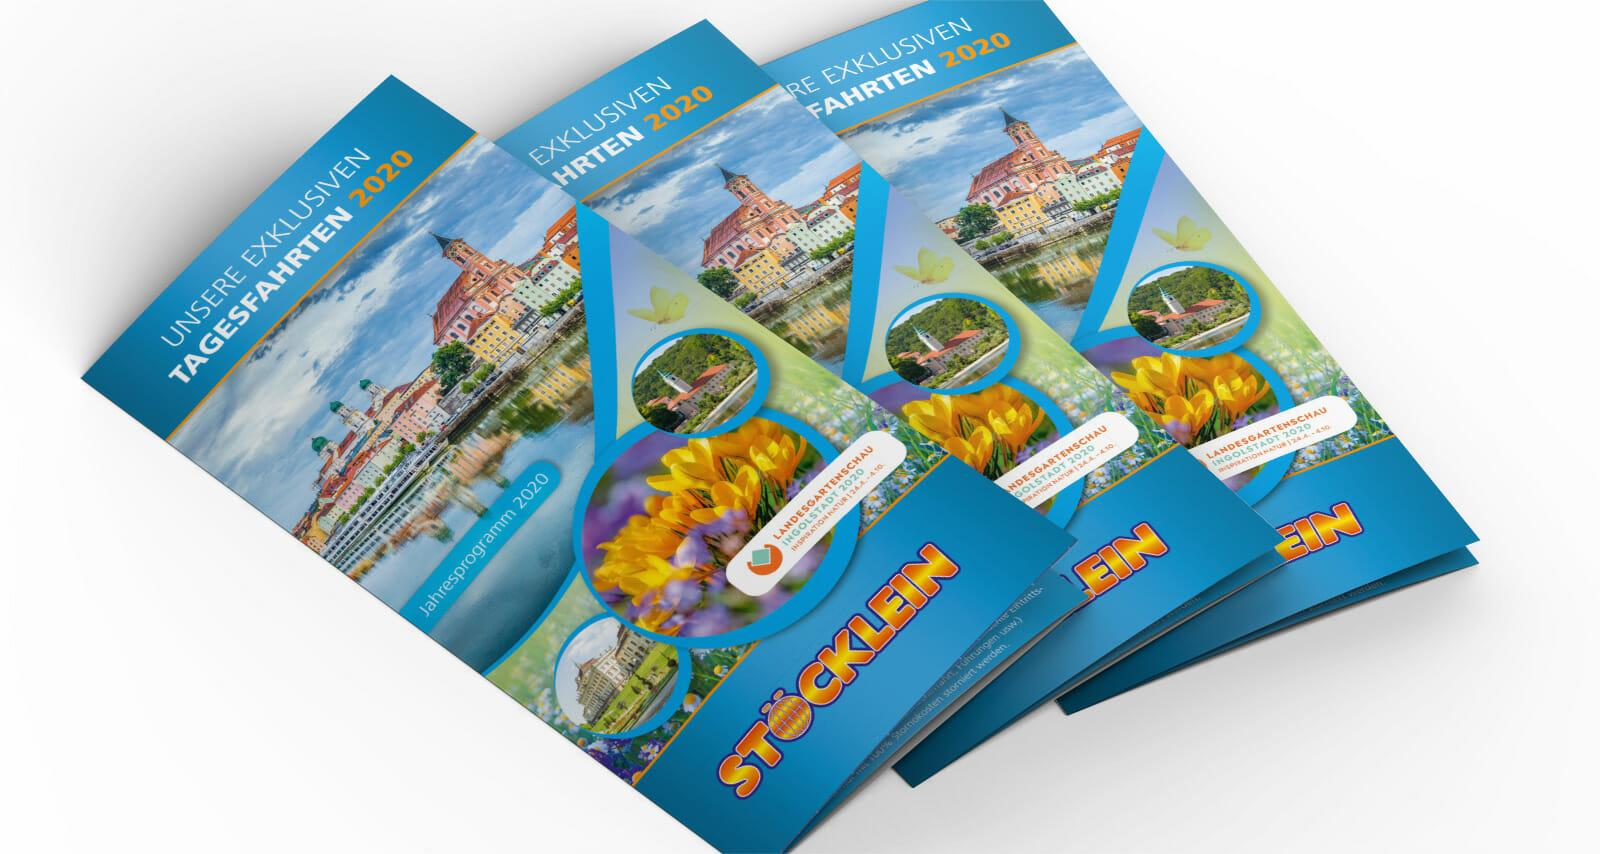 Stoecklein Reisen Jahresprogramm | Portfolio Sowiesodesign Fürth